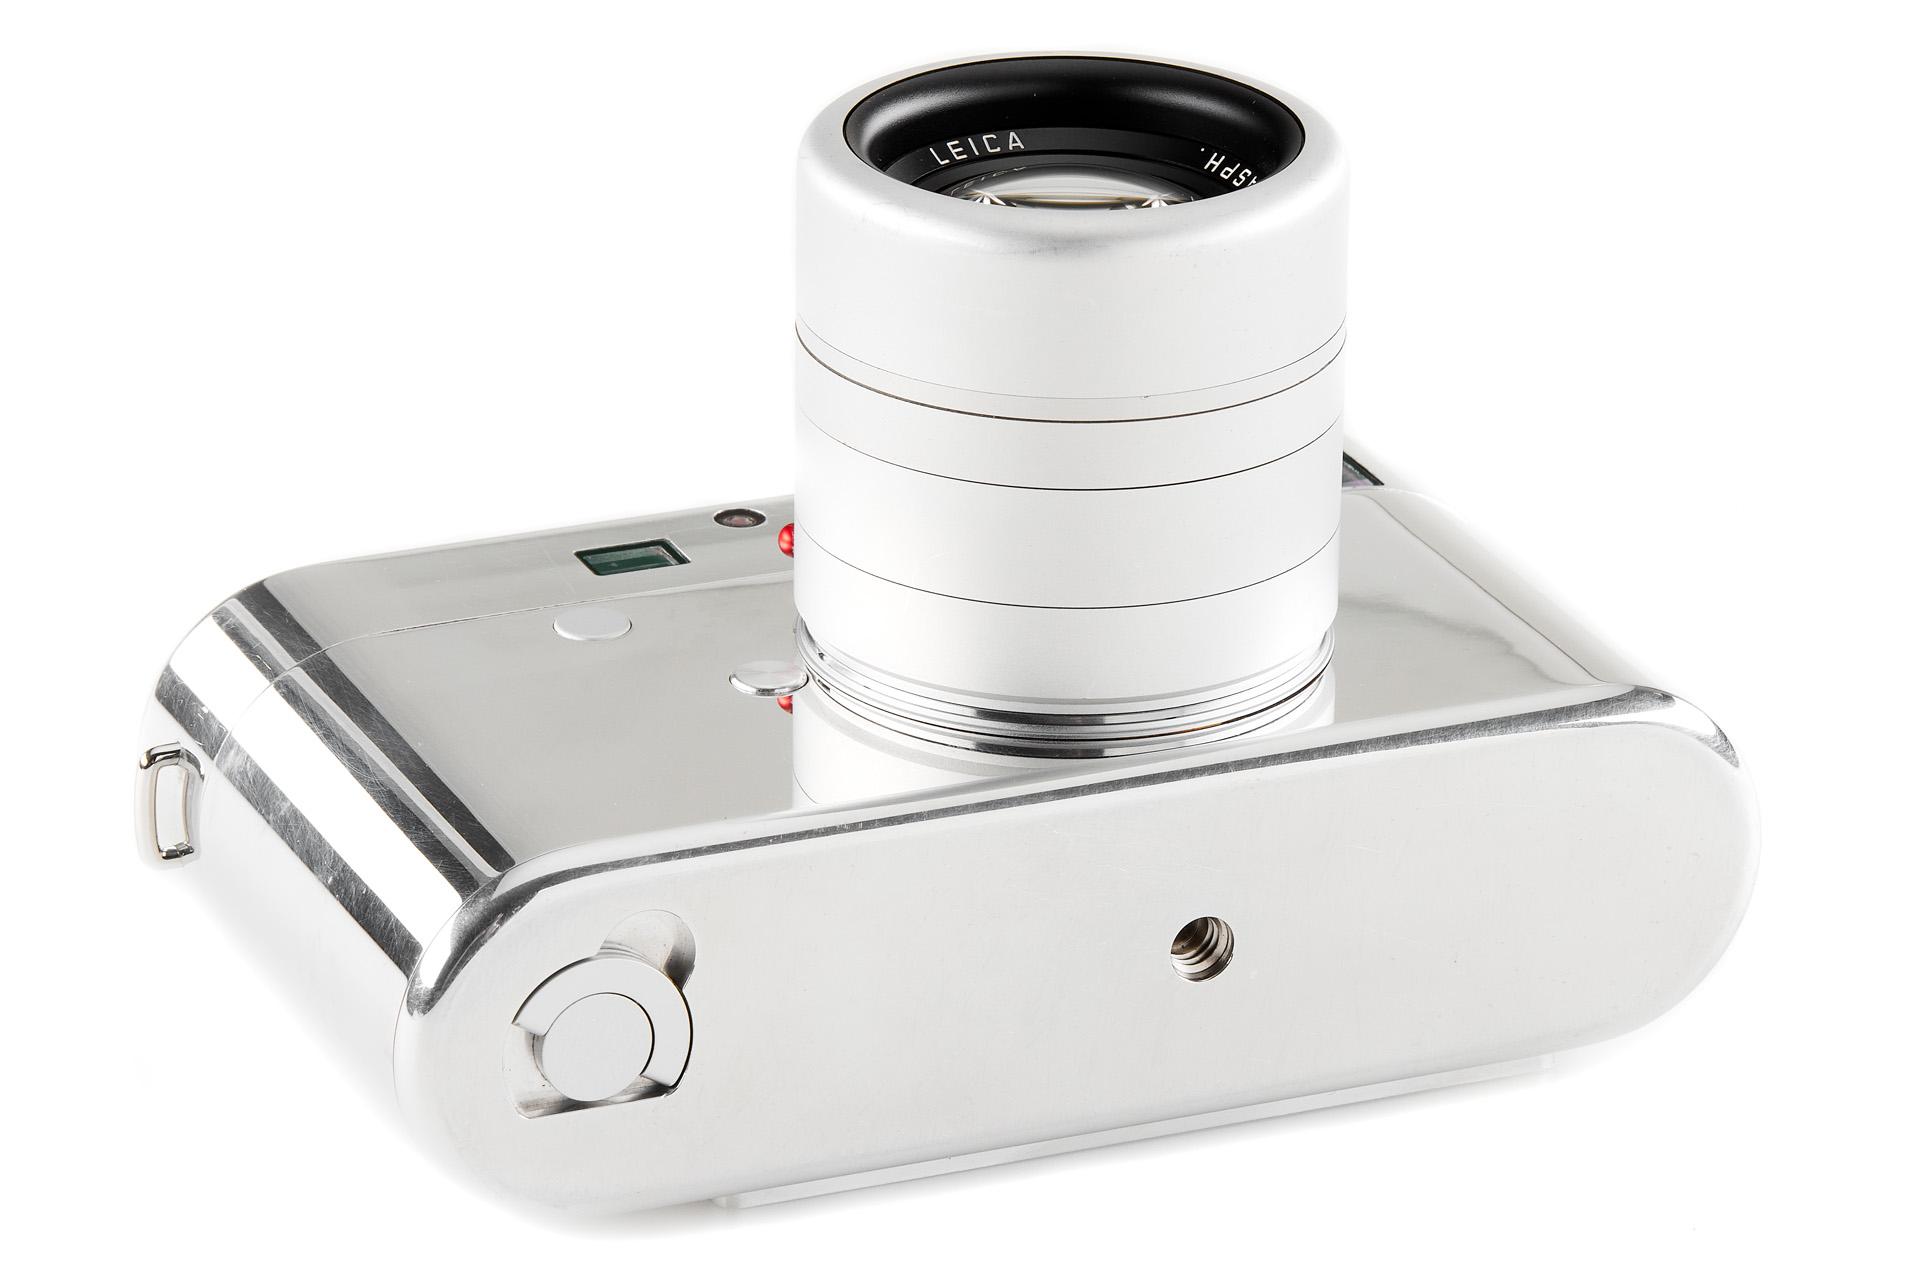 Nguyên mẫu máy ảnh Leica do Jony Ive thiết kế đang được bán đấu giá 200.000 USD